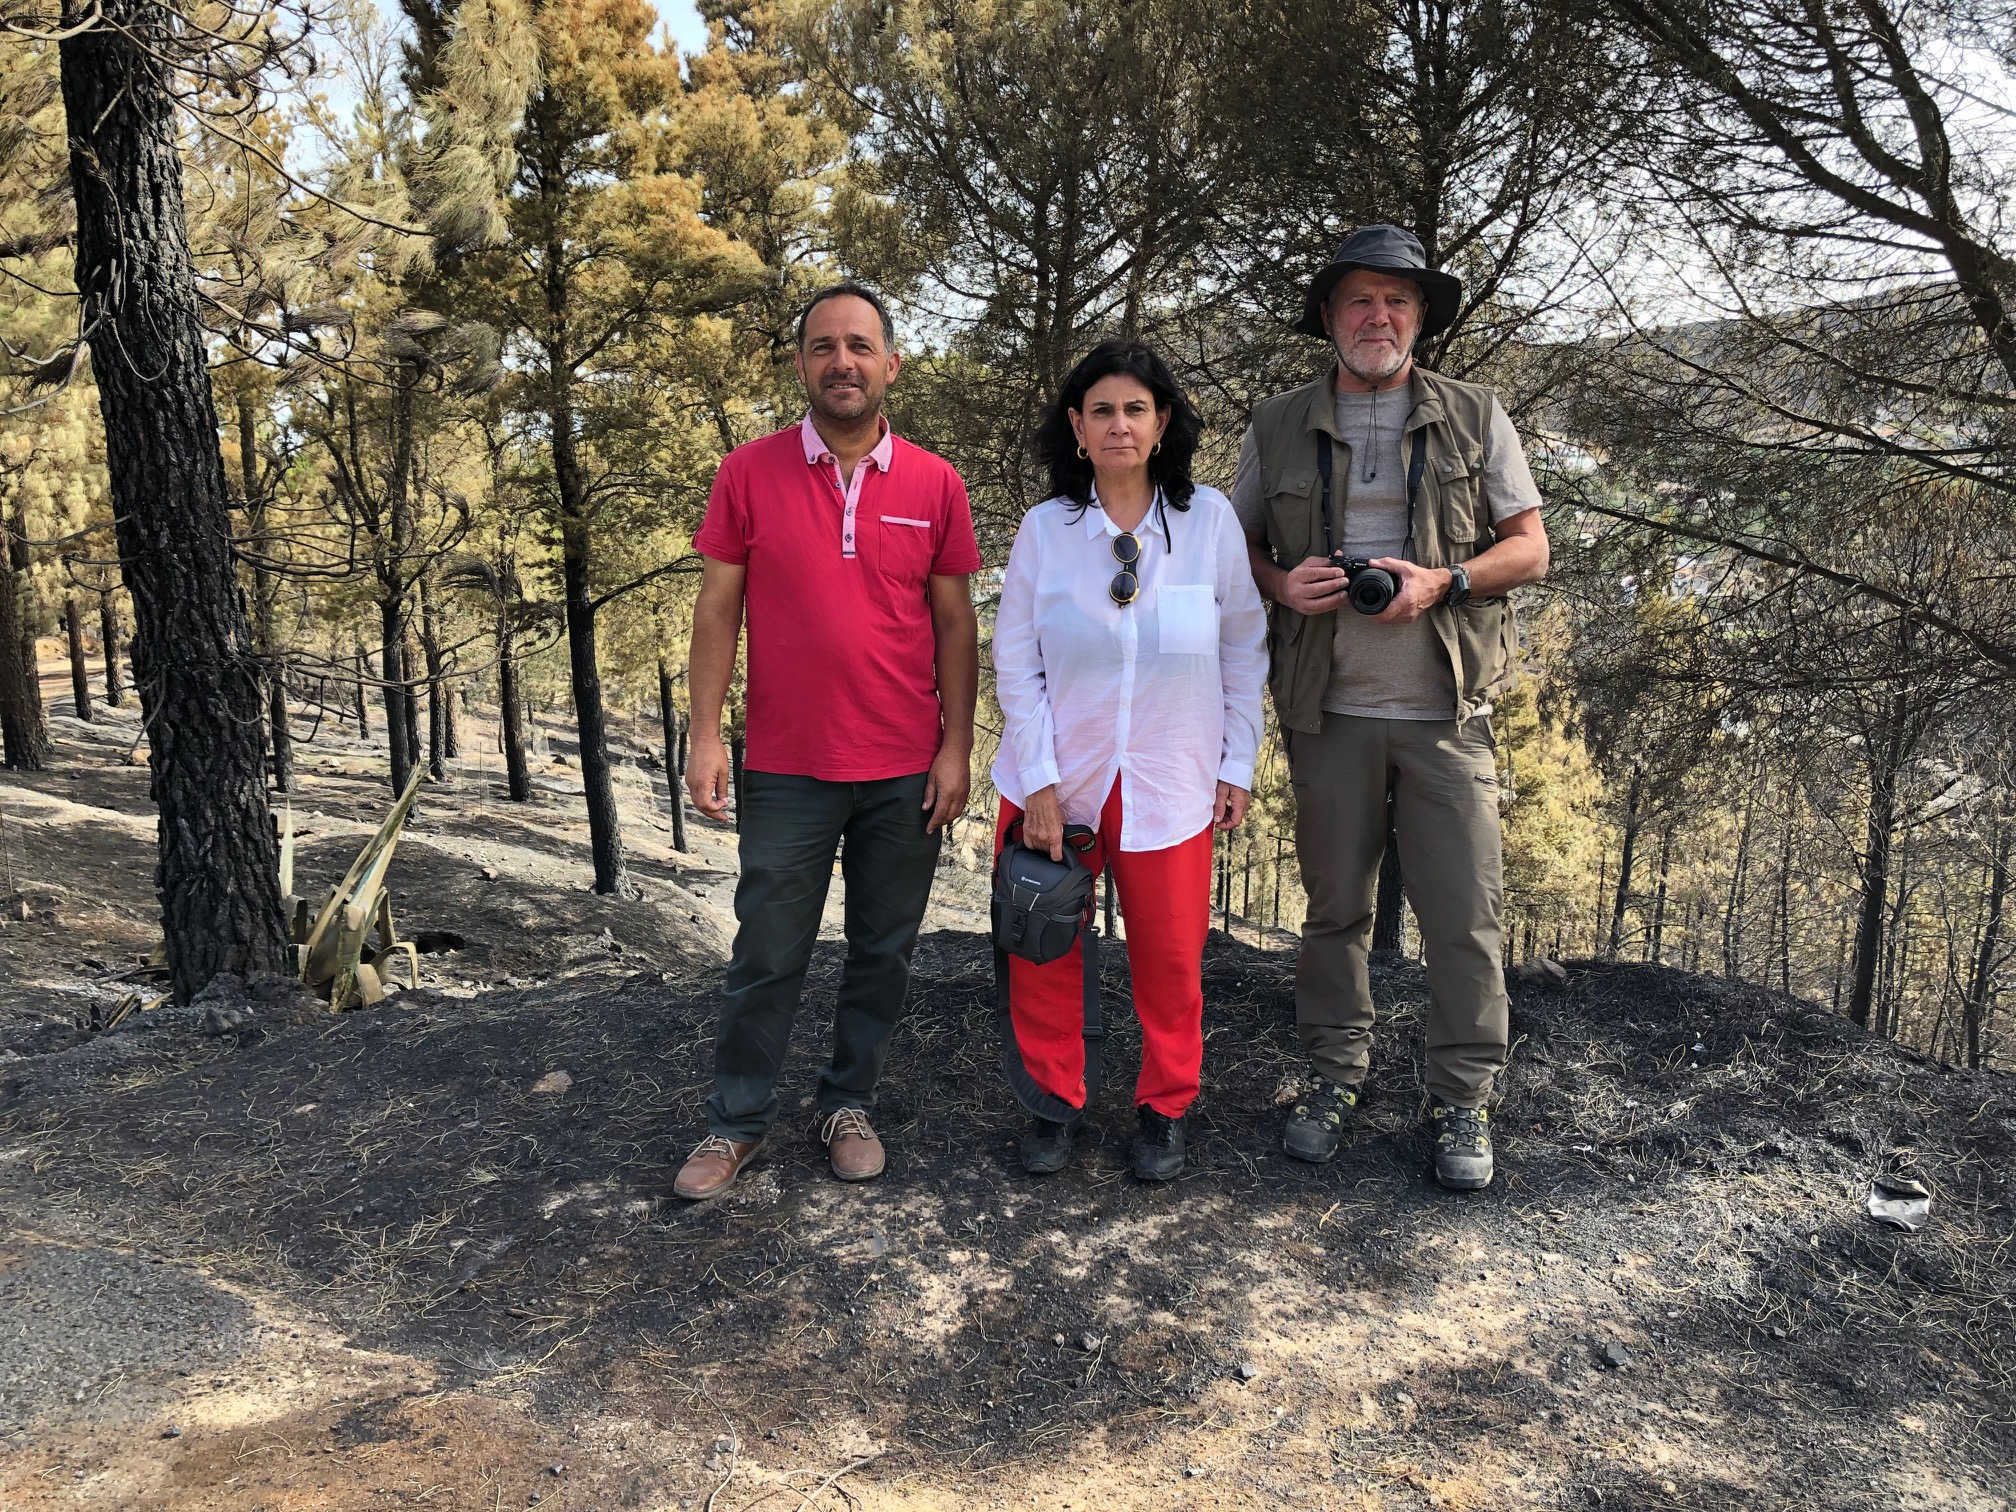 El Gobierno evalúa los daños del incendio en Risco Caído y su entorno